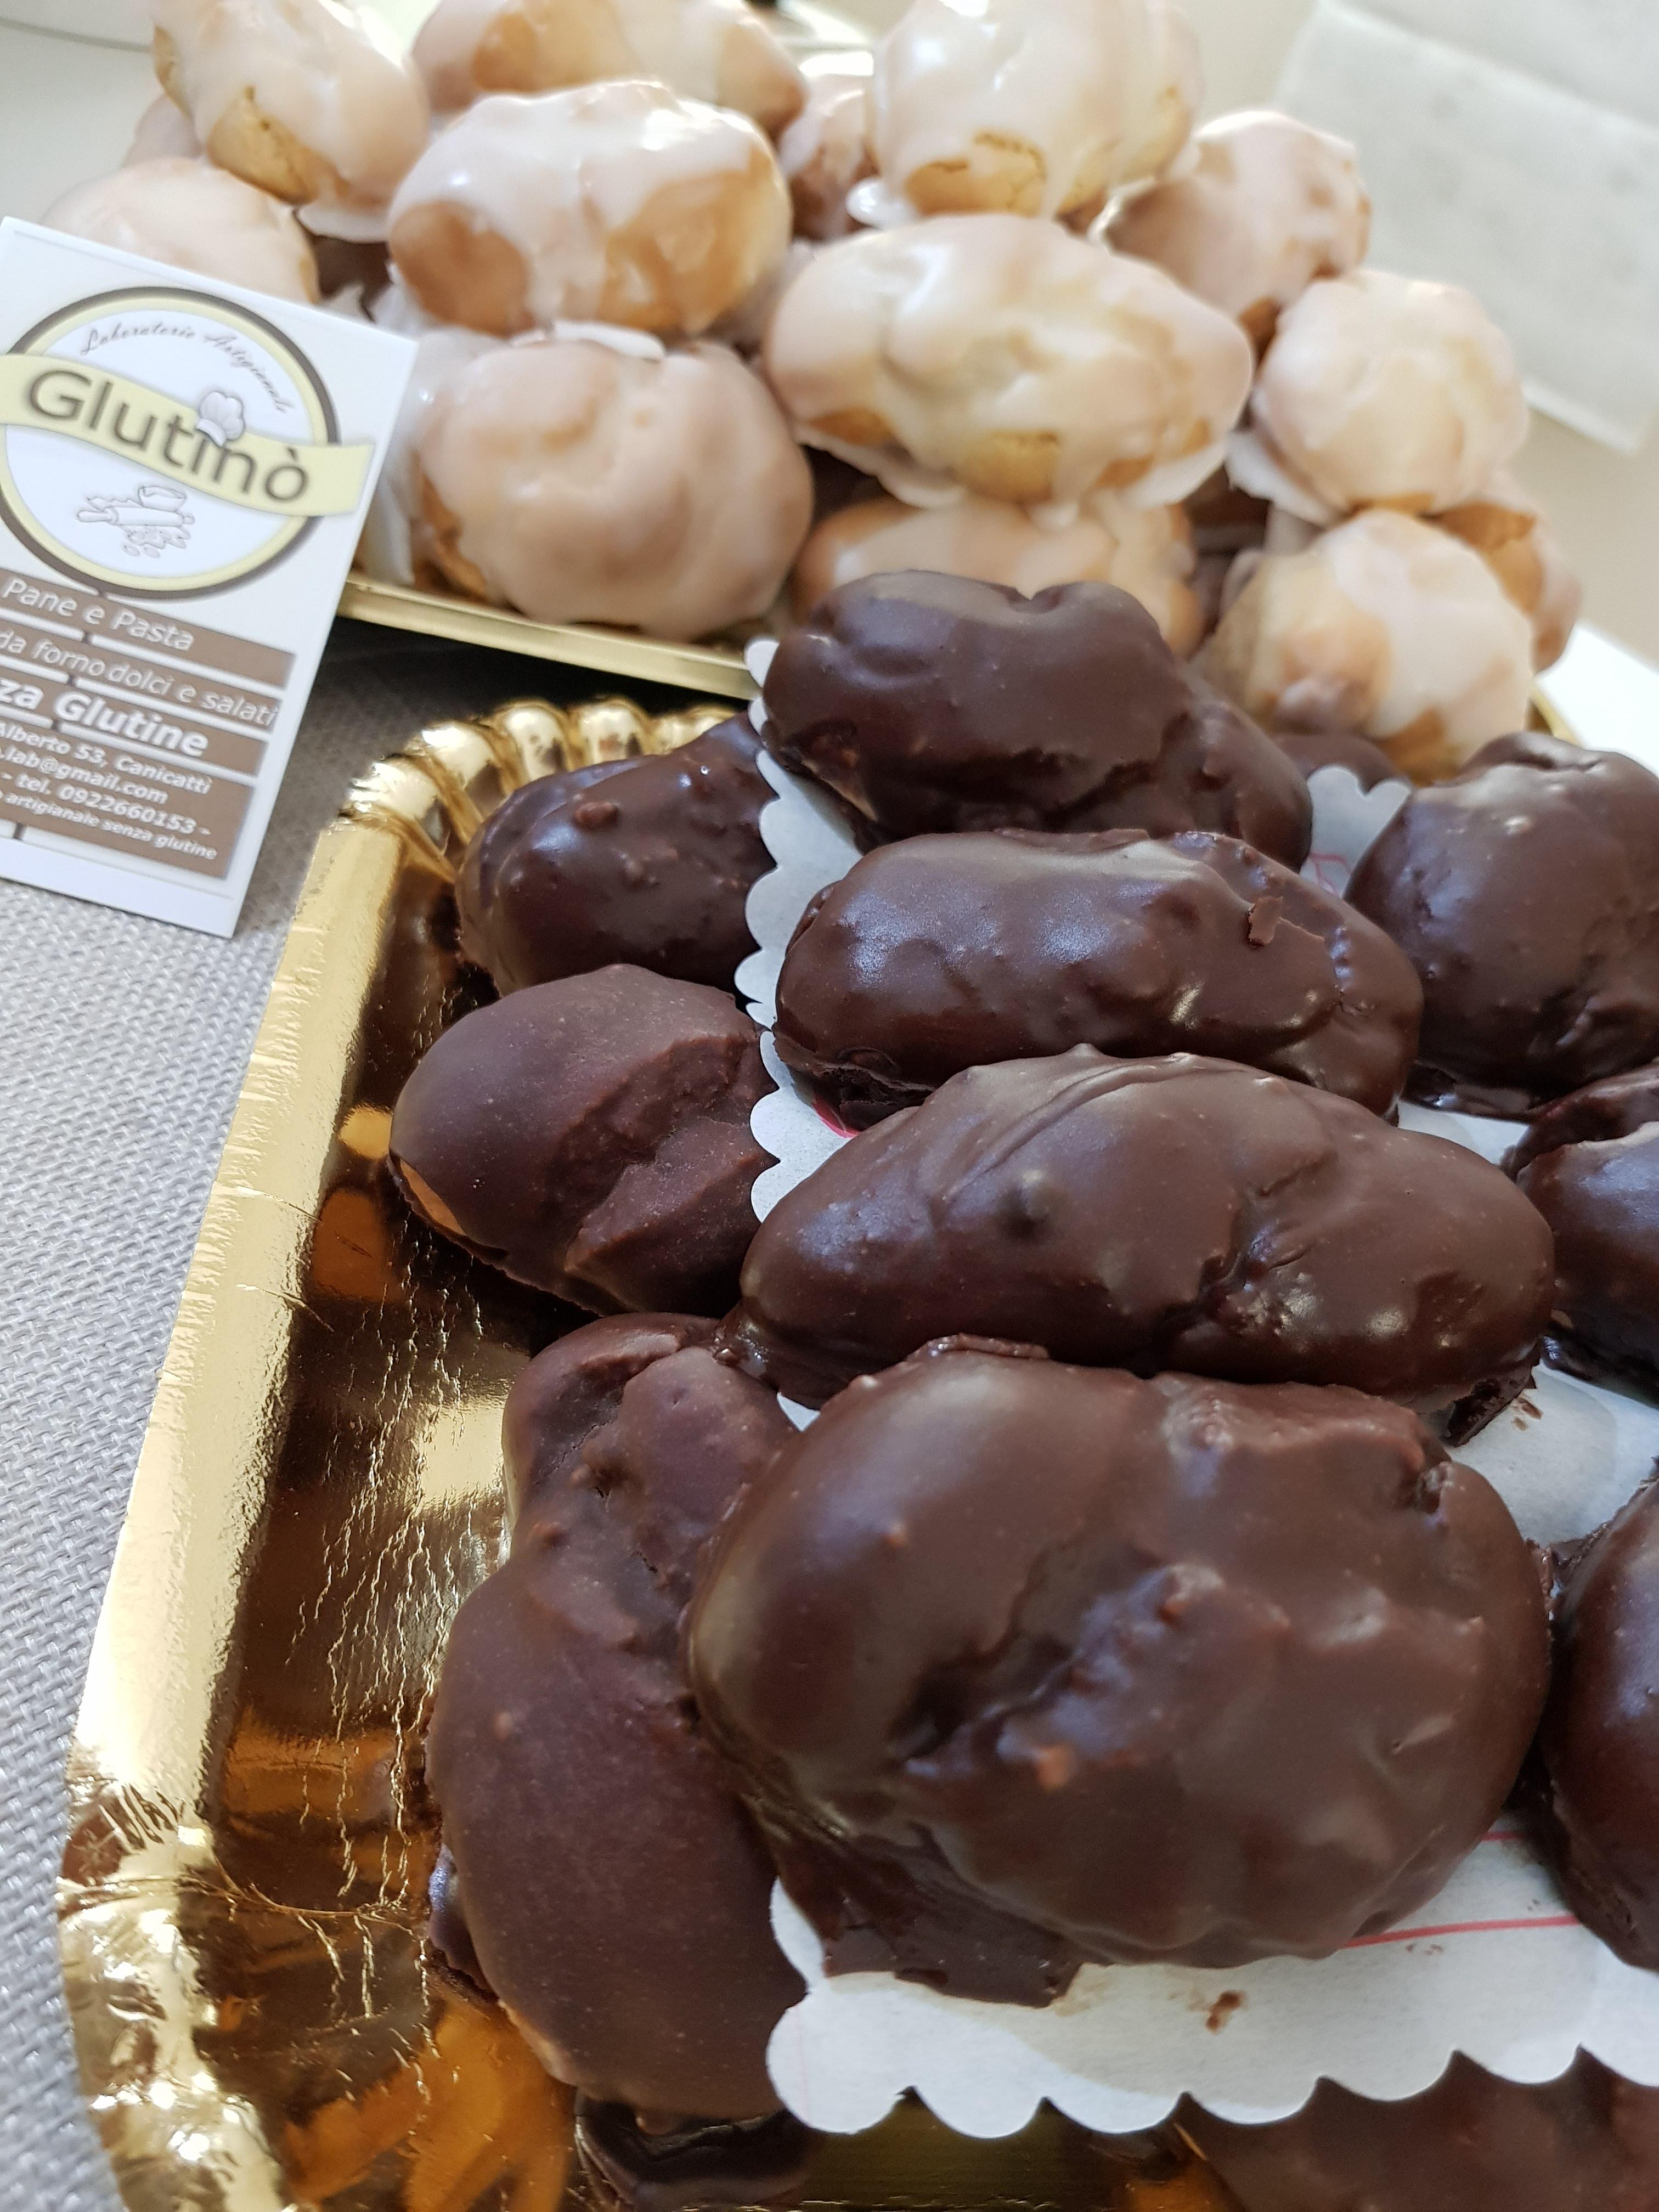 Ricetta Taralli Siciliani.Taralli Siciliani Al Cacao Senza Lattosio Glutino